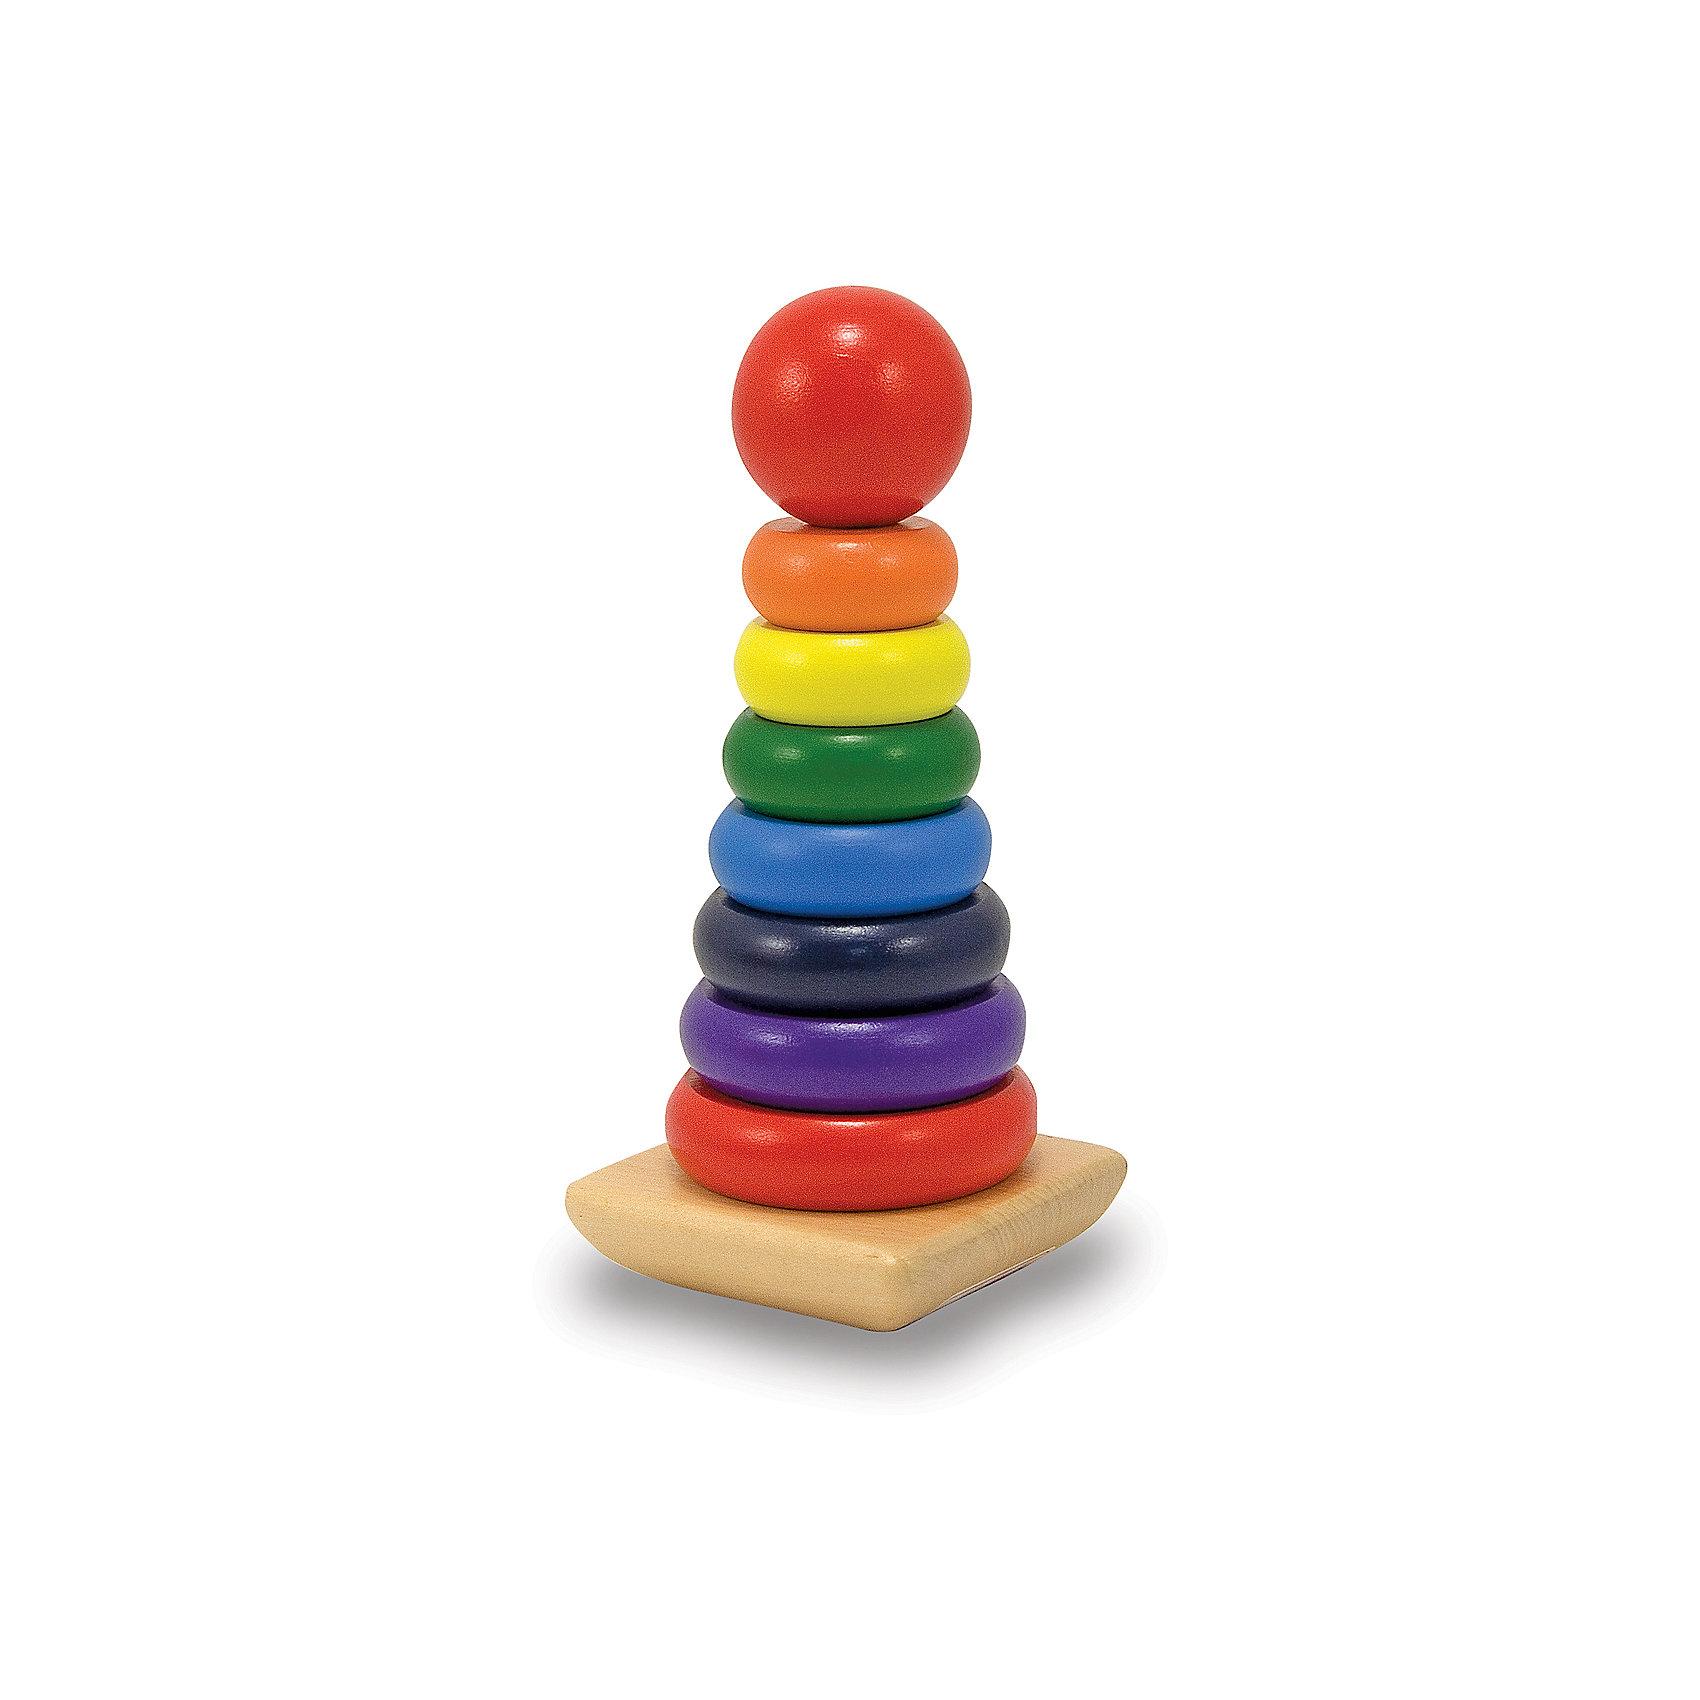 Melissa & Doug Радужная пирамидка, Melissa & Doug краснокамская игрушка развивающая пирамидка кольцевая